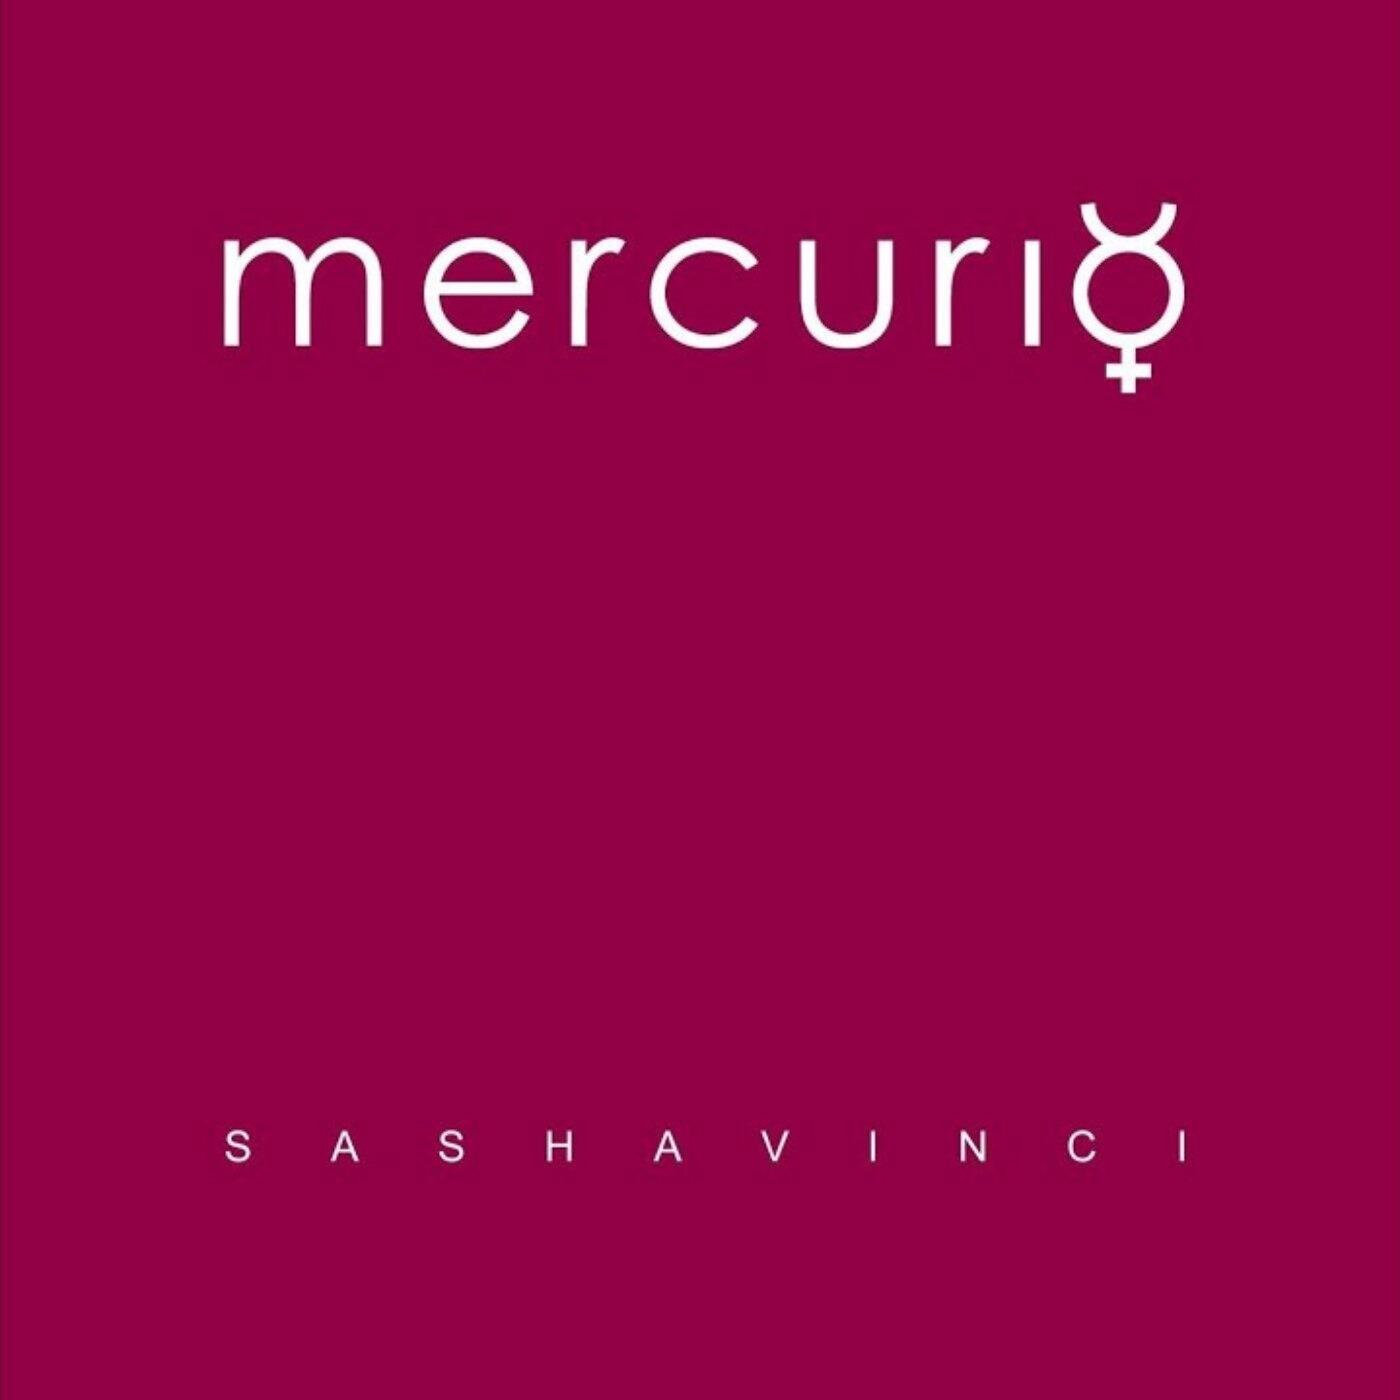 """SASHA VINCI, """"Mercurio"""" è il nuovo progetto cantautorale dell'artista e performer siciliano"""